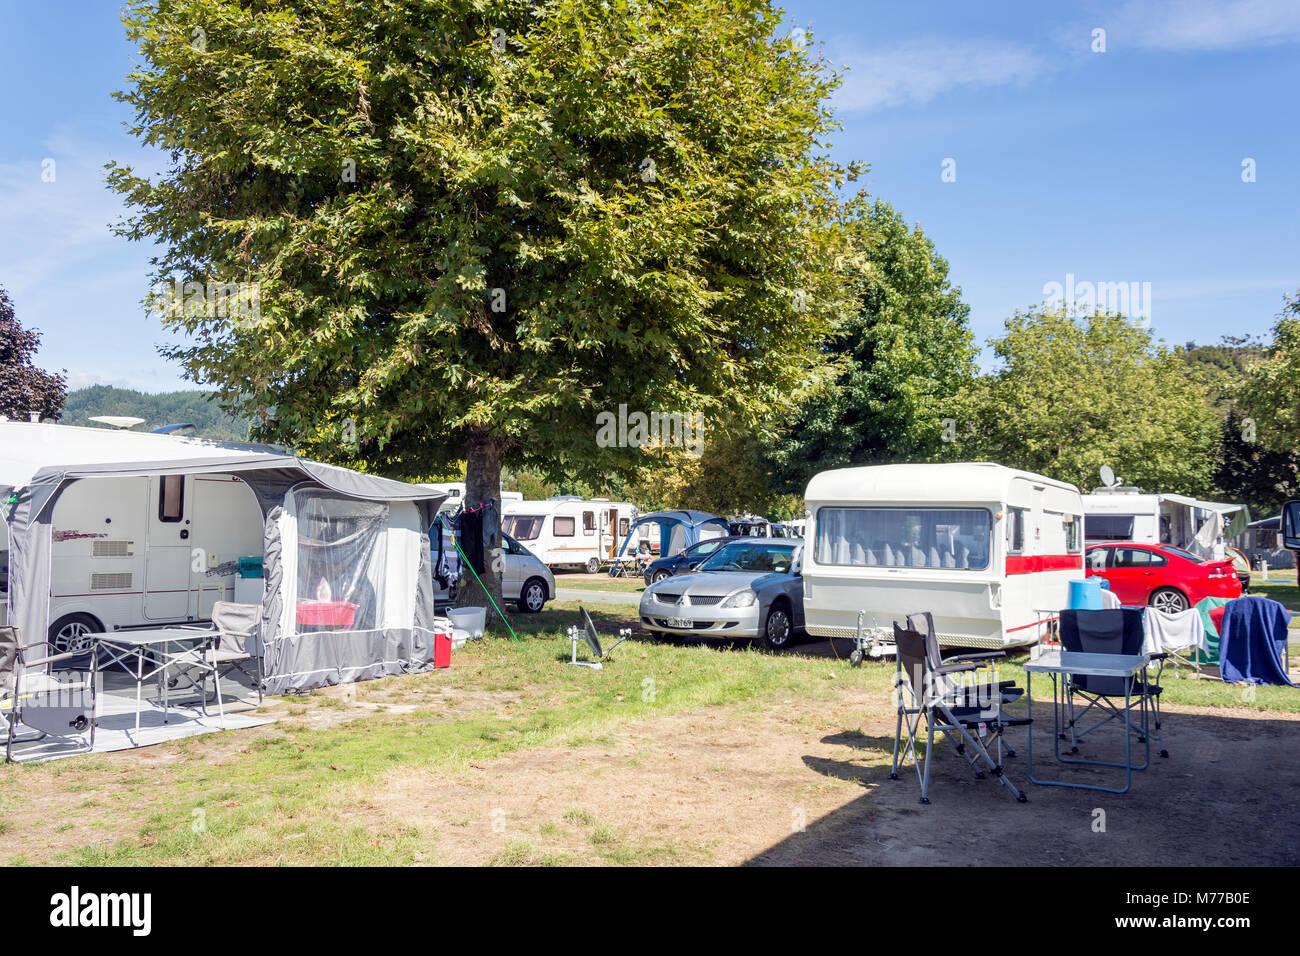 Campingplatz in Kaiteriteri Erholung finden, Kaiteriteri Beach, Kaiteriteri, Tasman, Neuseeland Stockbild